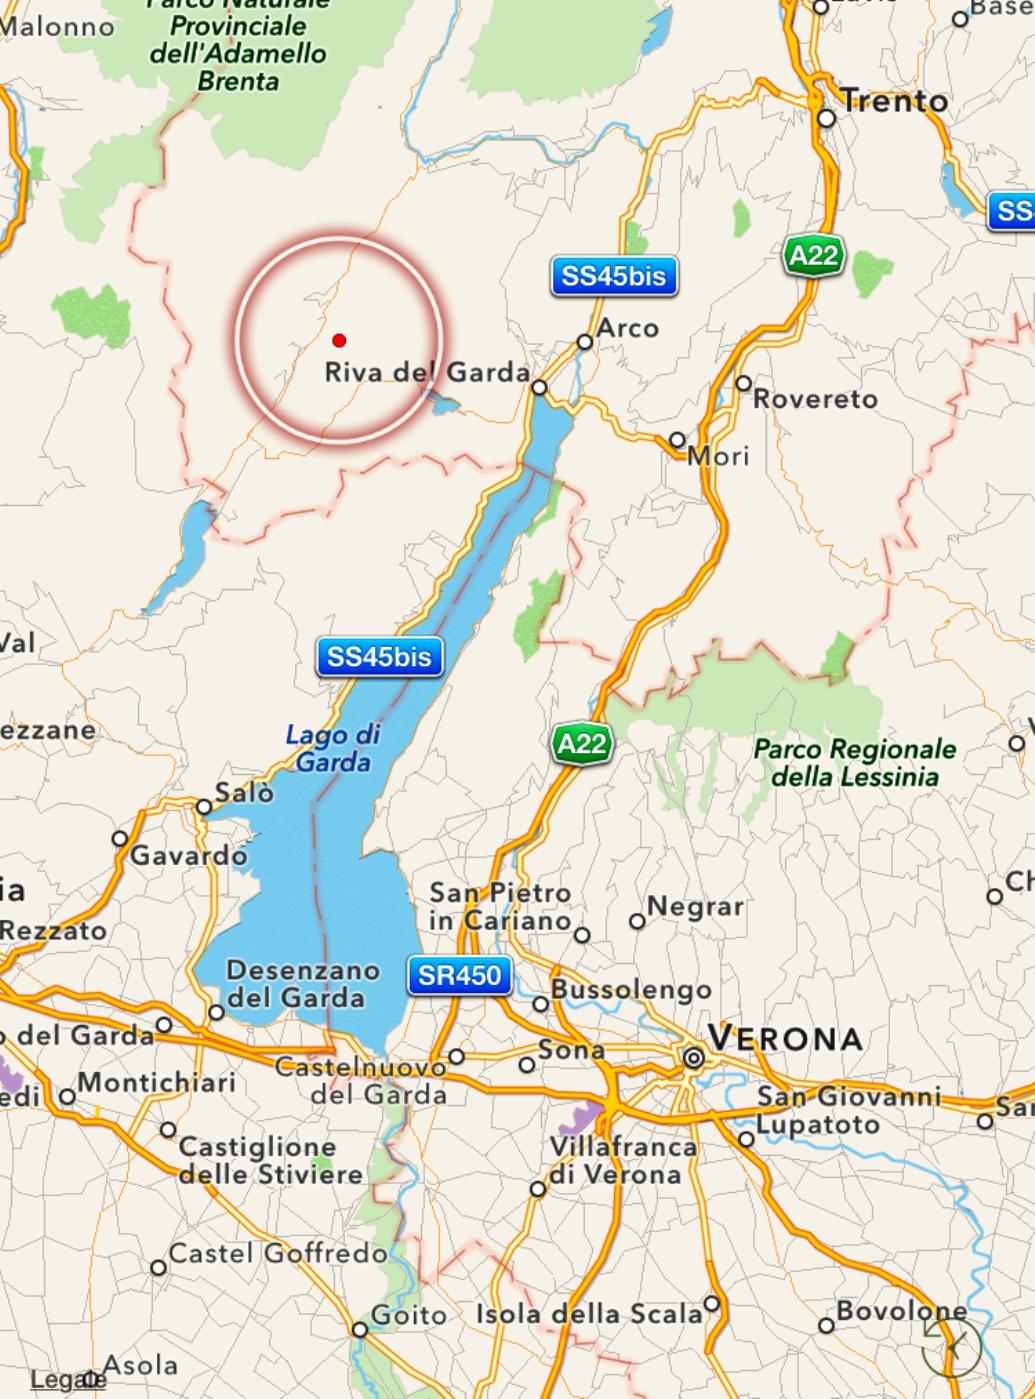 Cartina Fisica Lago Di Garda.Scossa Di Terremoto Avvertita Dalla Popolazione Tra Il Lago Di Garda E Le Alpi Camoniche Mappa